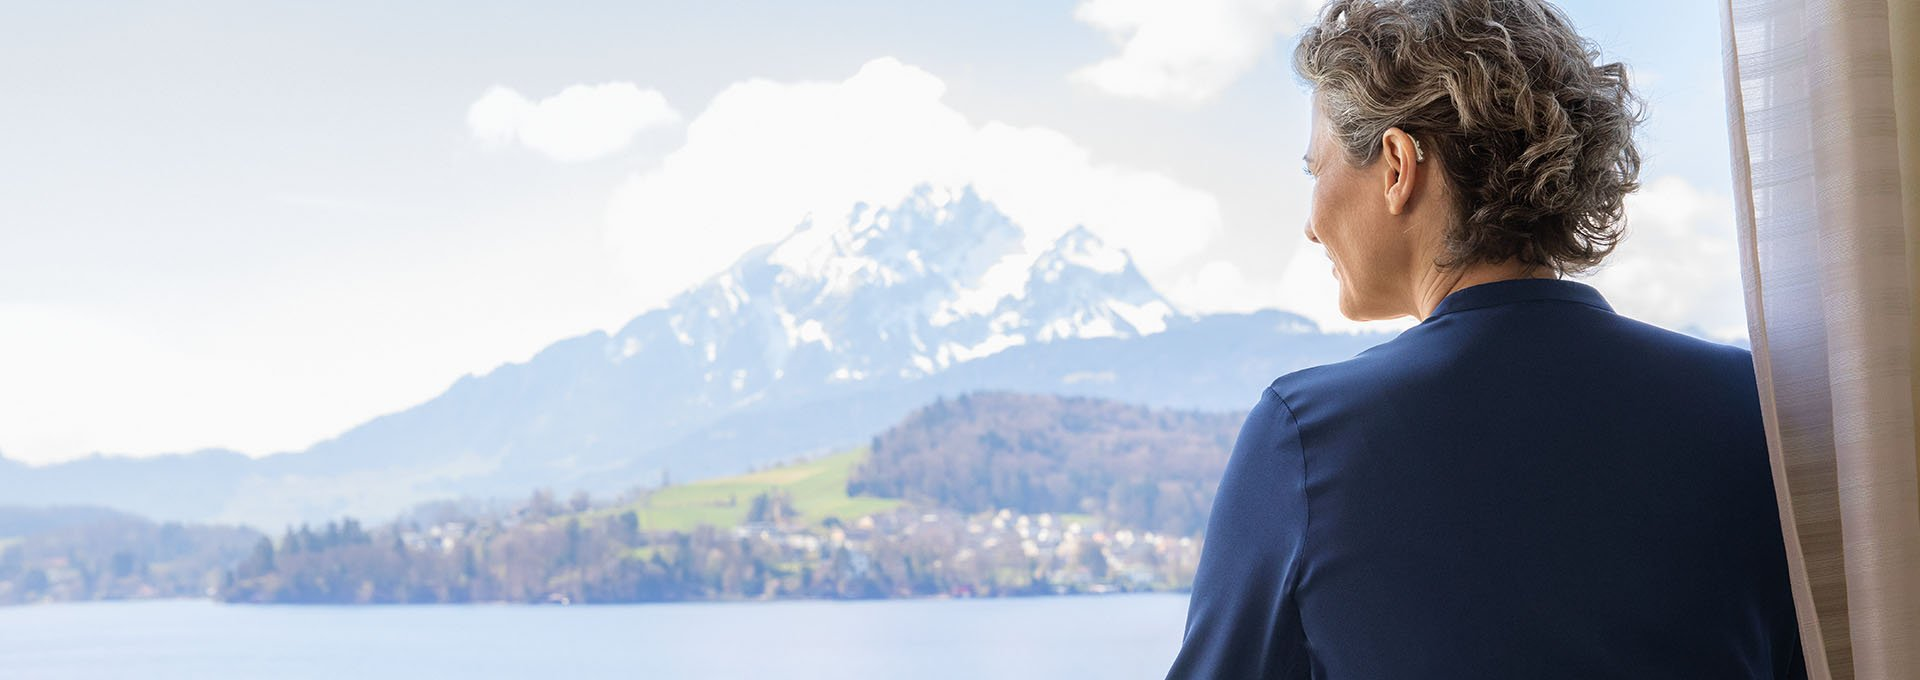 Frau trägt wiederaufladbare Bernafon Alpha Hörgeräte und genießt aus einem Hotel die Aussicht auf einen Schweizer See mit Bergen.